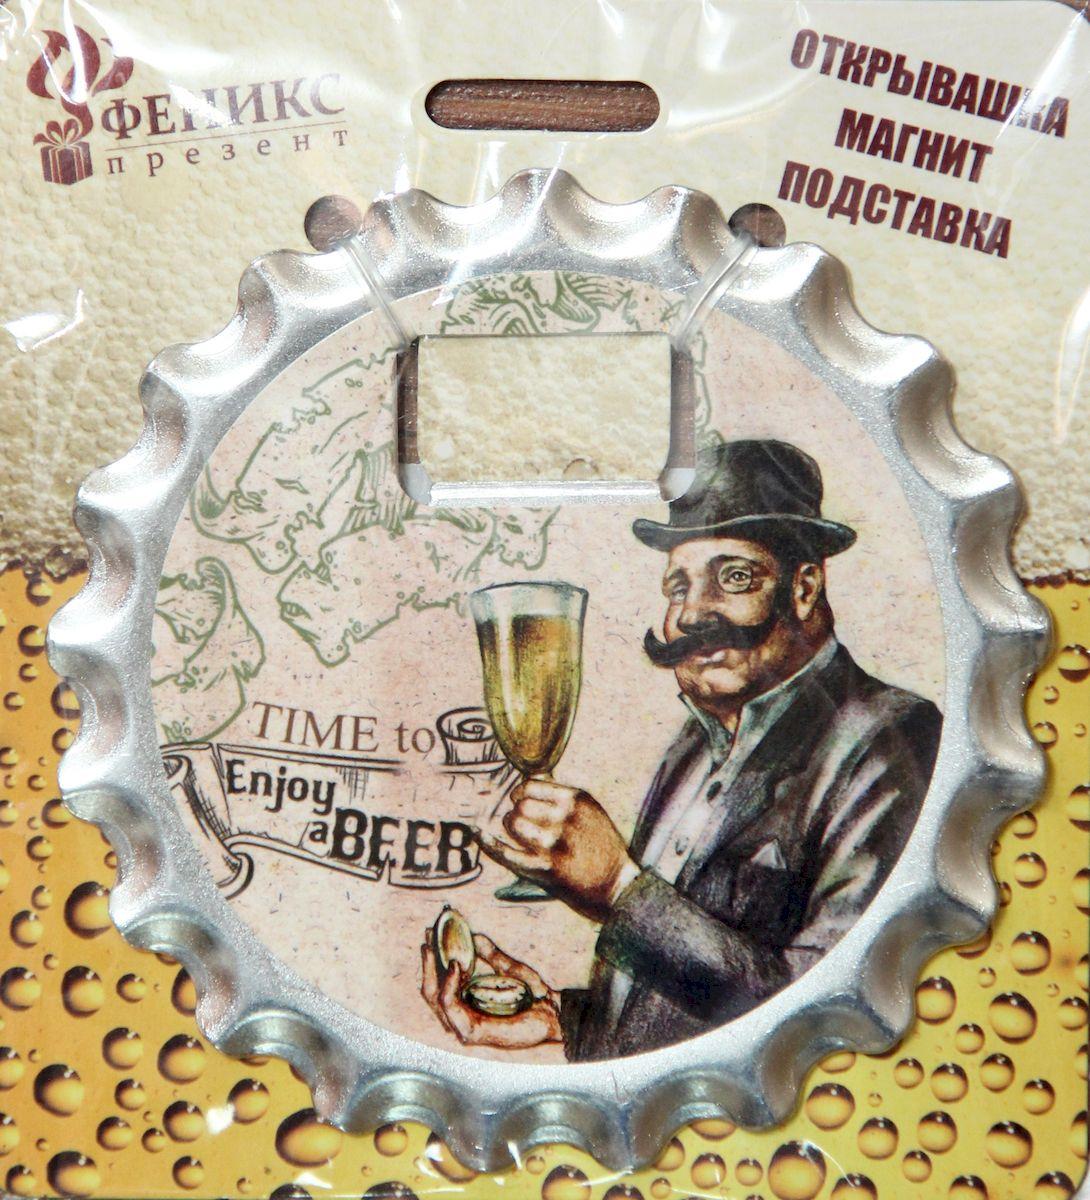 Ключ для открывания бутылок Magic Home Время для отдыха, с магнитным креплением. 4120041200